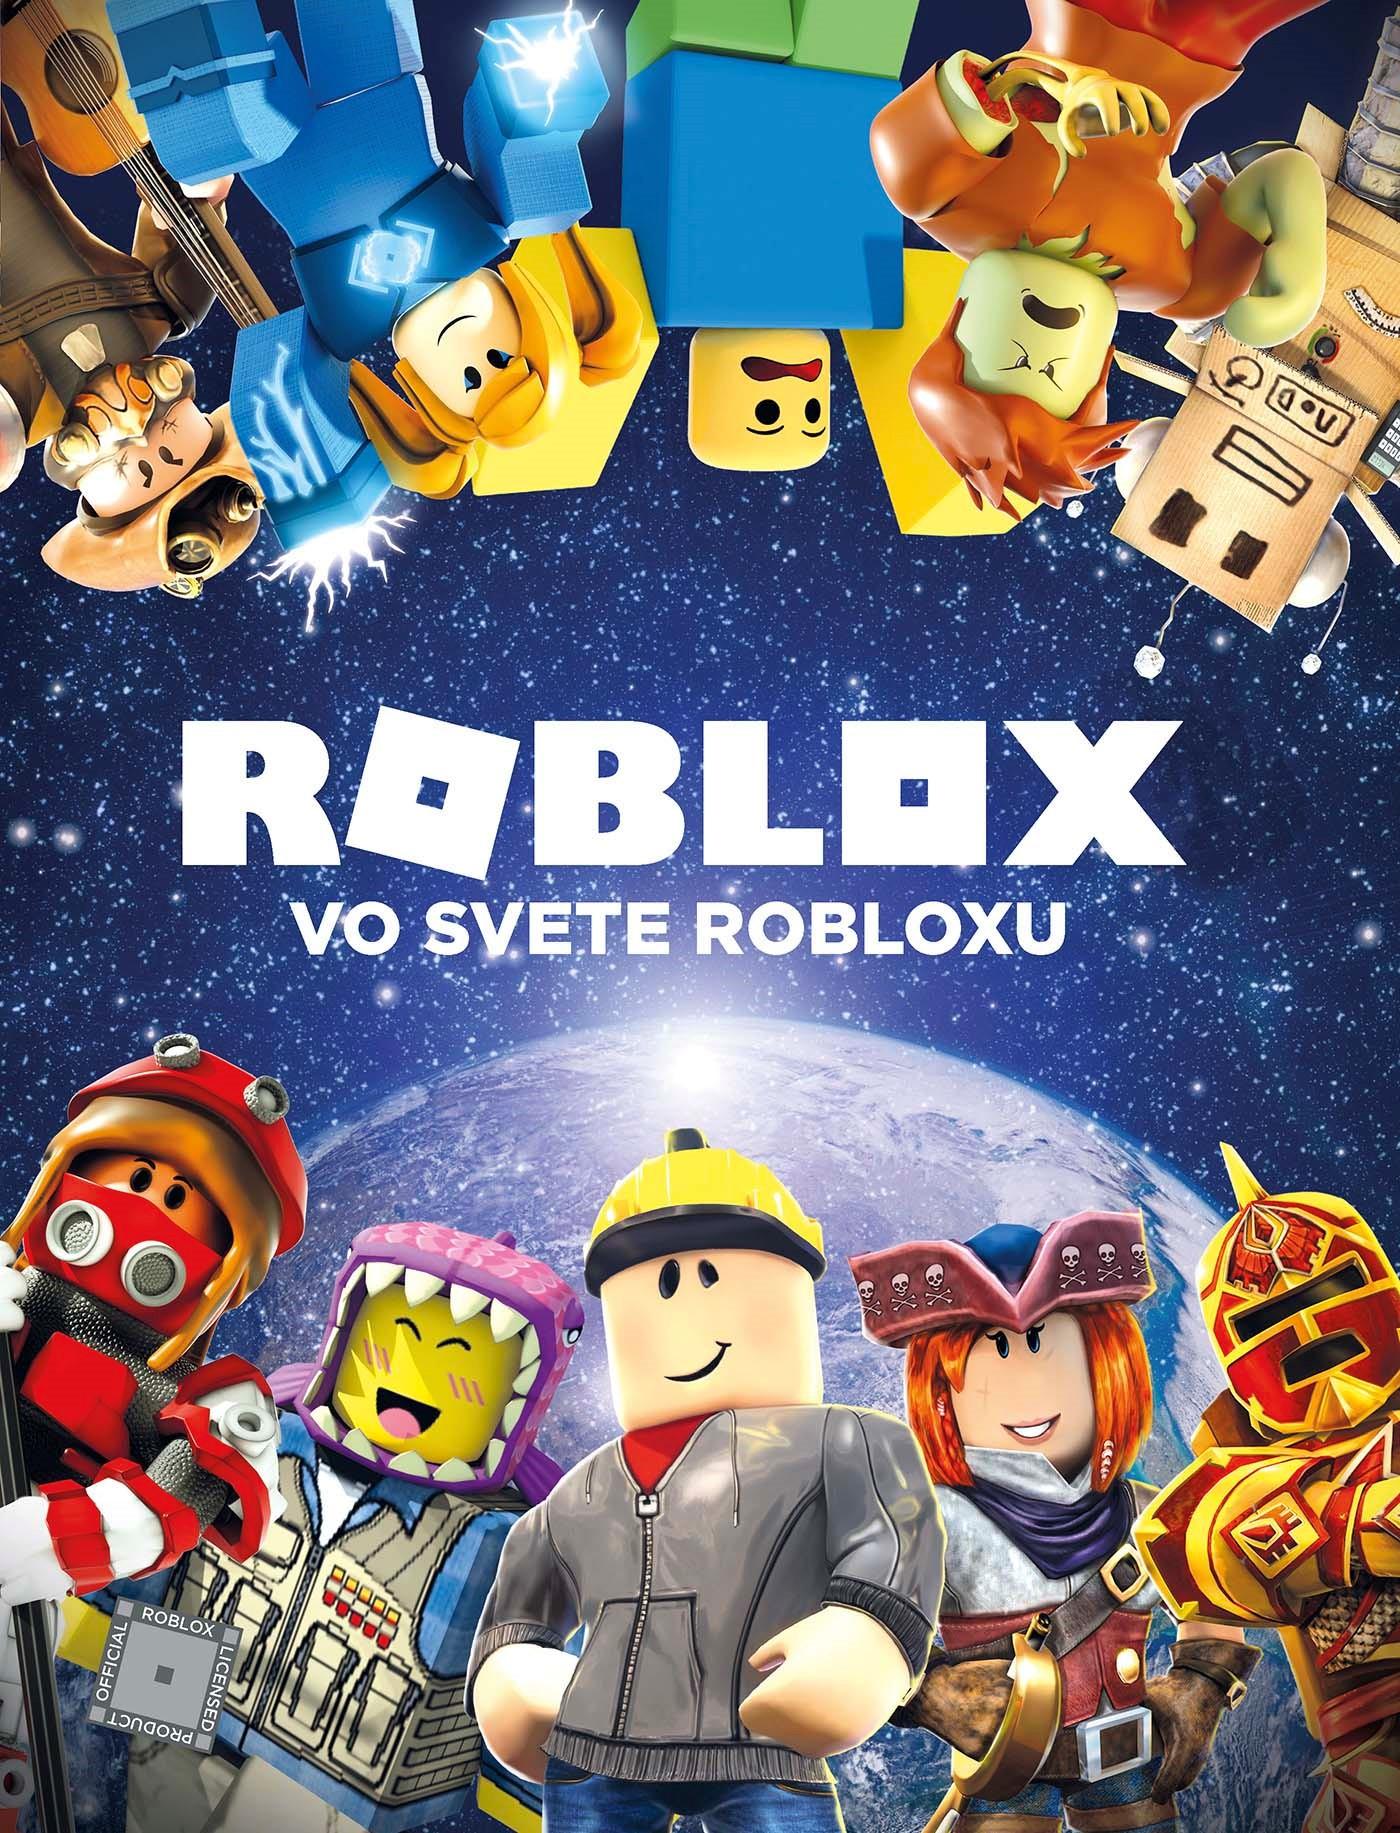 Roblox - Vo svete Robloxu